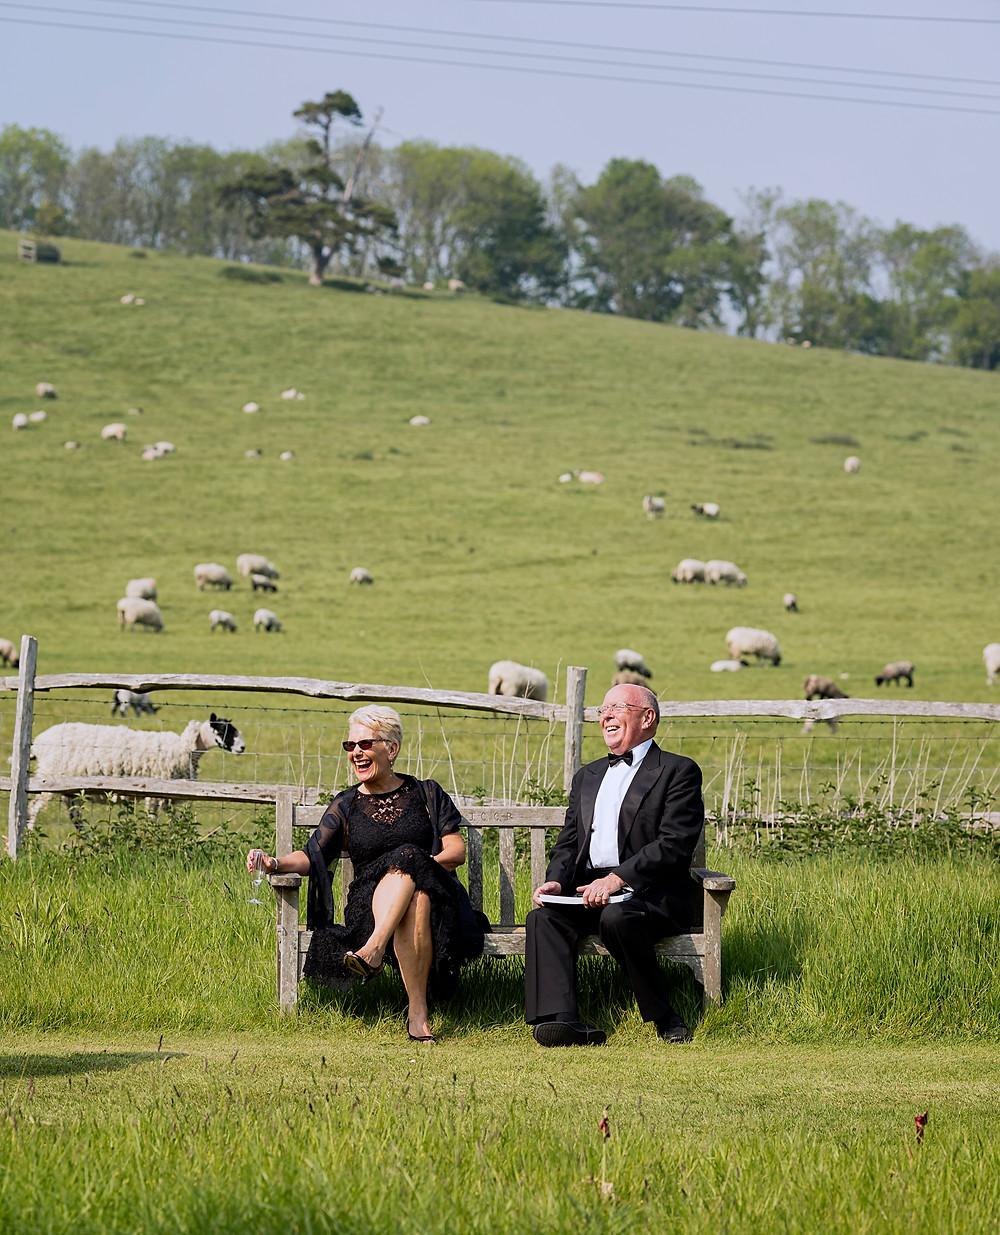 庭でくつろぐ観客 ©Glyndebourne Productions Ltd. Photo: James Bellorini